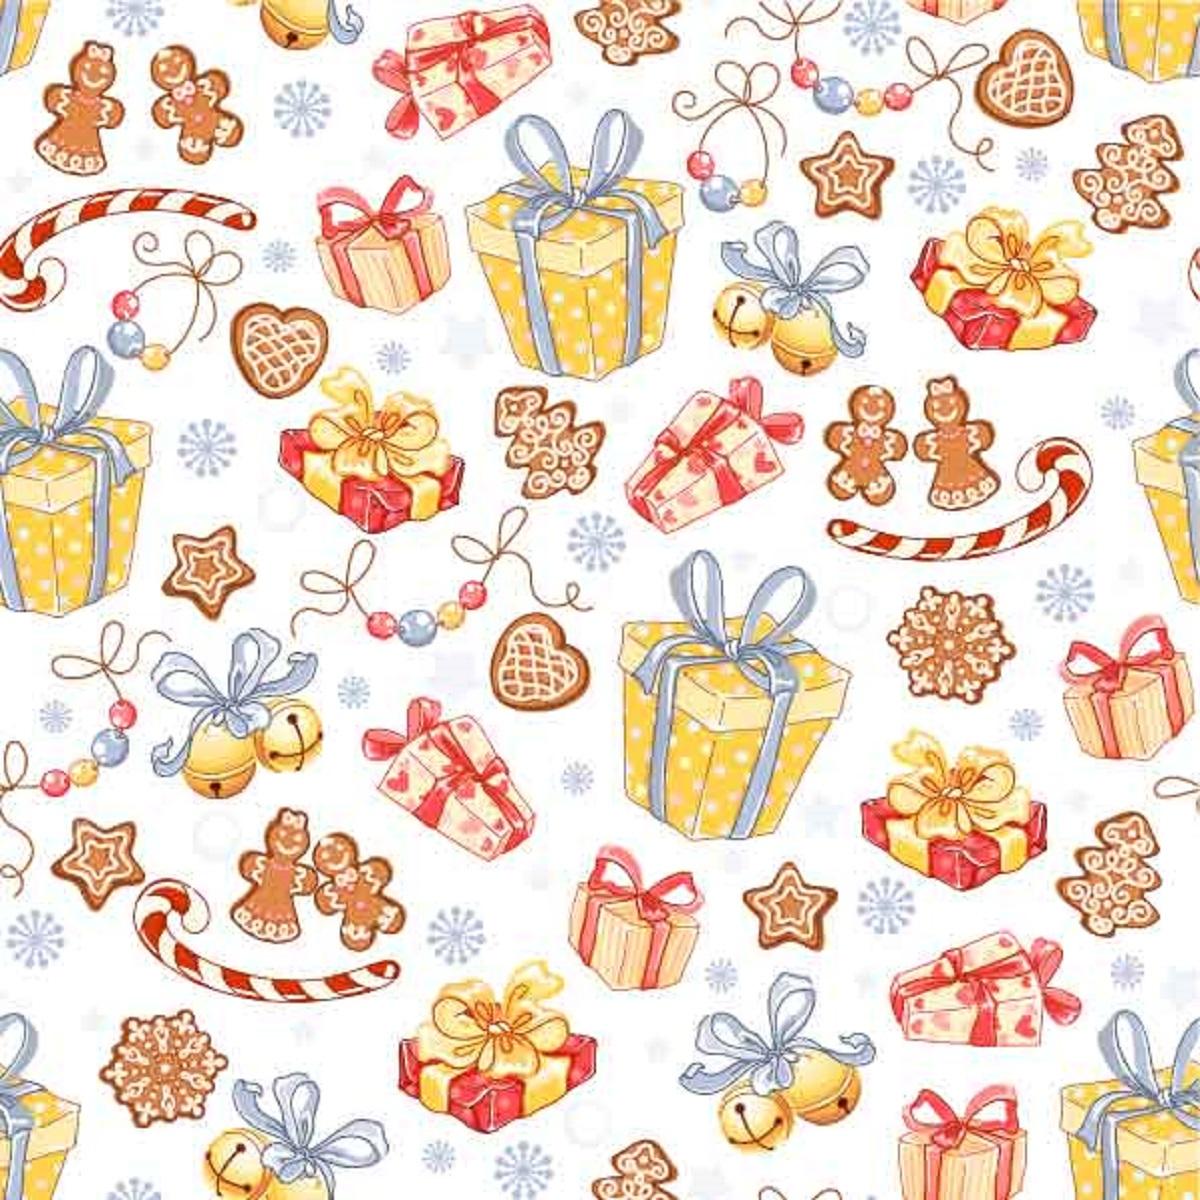 Салфетки бумажные Gratias Подарки и сладости, трехслойные, 33 х 33 см, 20 шт92285Трехслойные бумажные салфетки Gratias Подарки и сладости, выполненные из натуральной целлюлозы, станут отличным дополнением любого праздничного стола. Они отличаются необычной мягкостью и прочностью. Размер листа: 33 х 33 см. Количество слоев: 3.